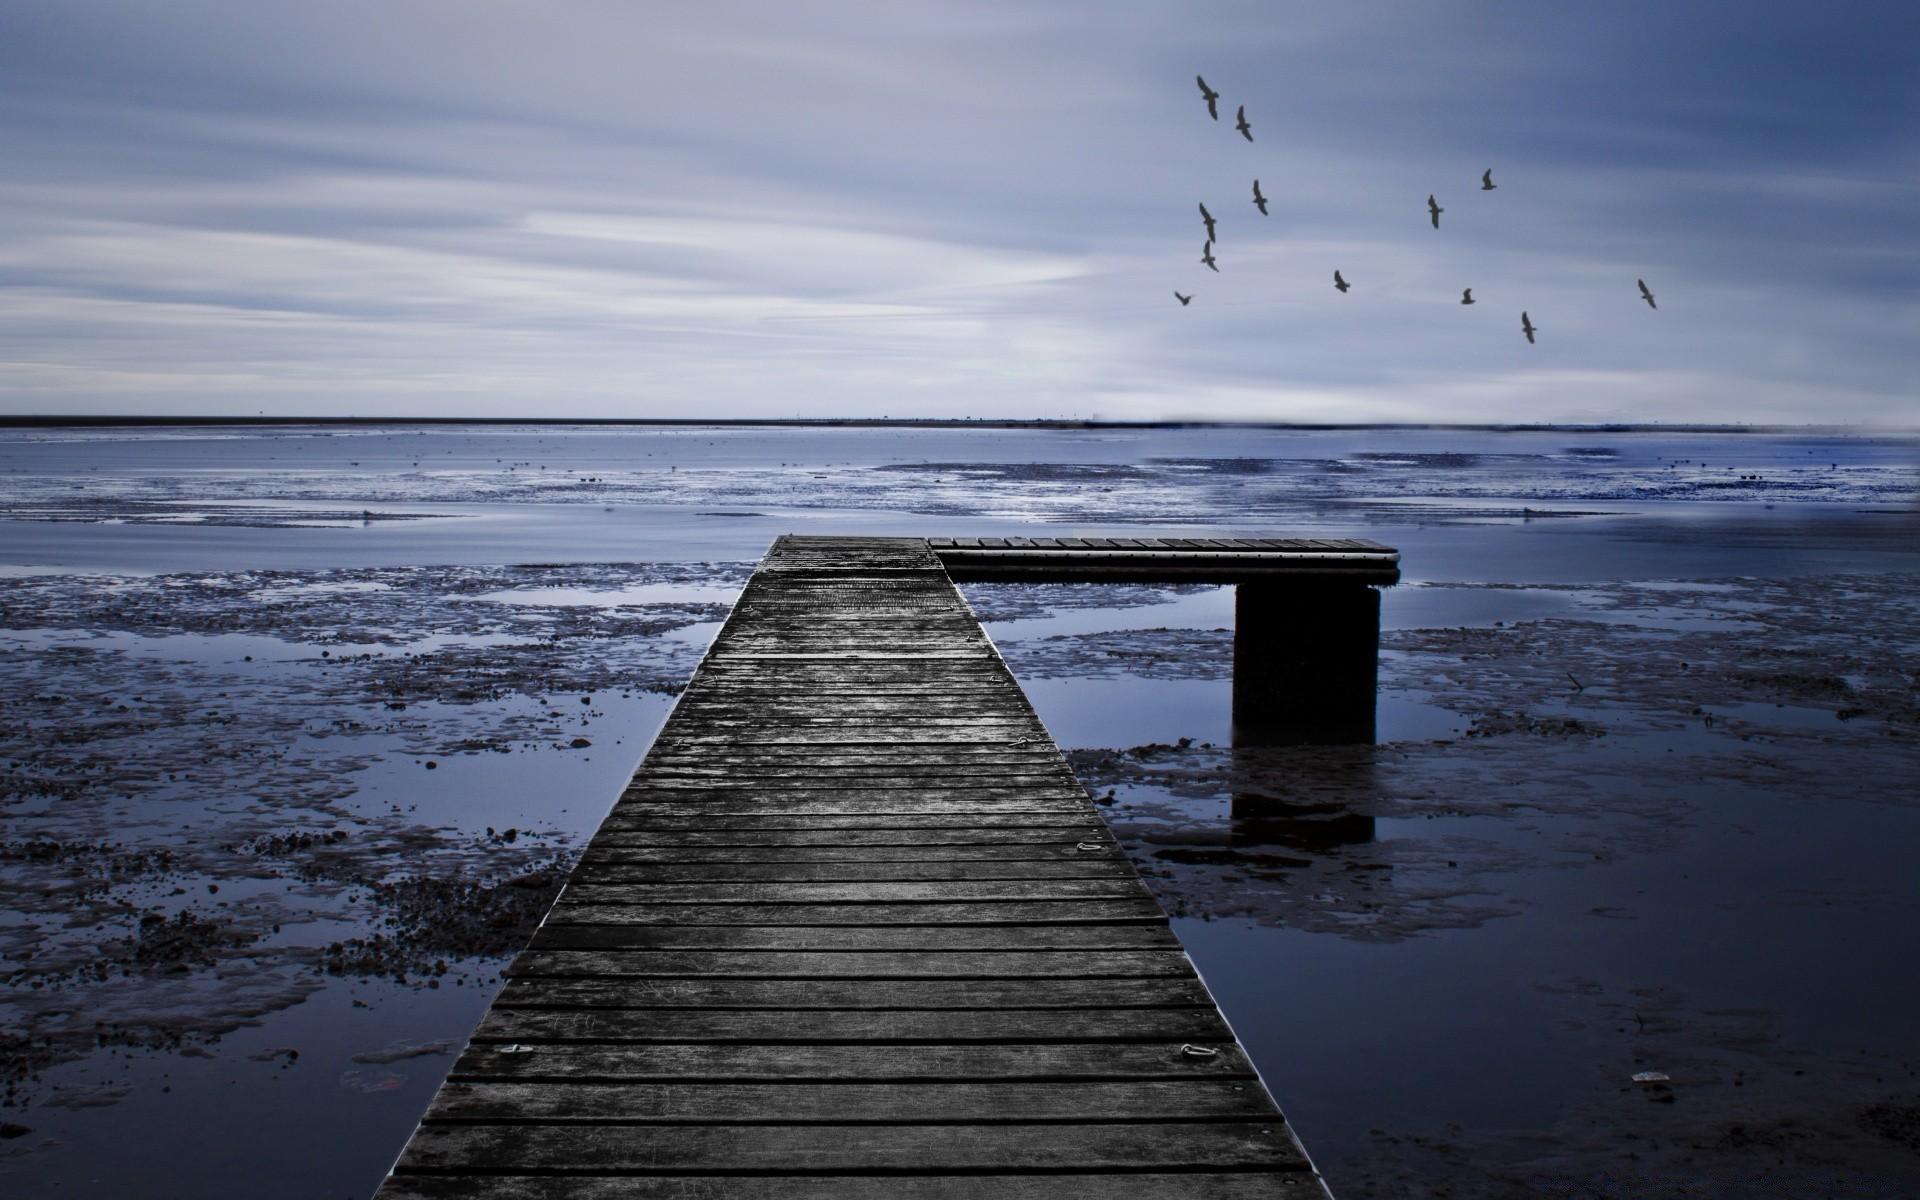 картинки грустного моря какую херню она